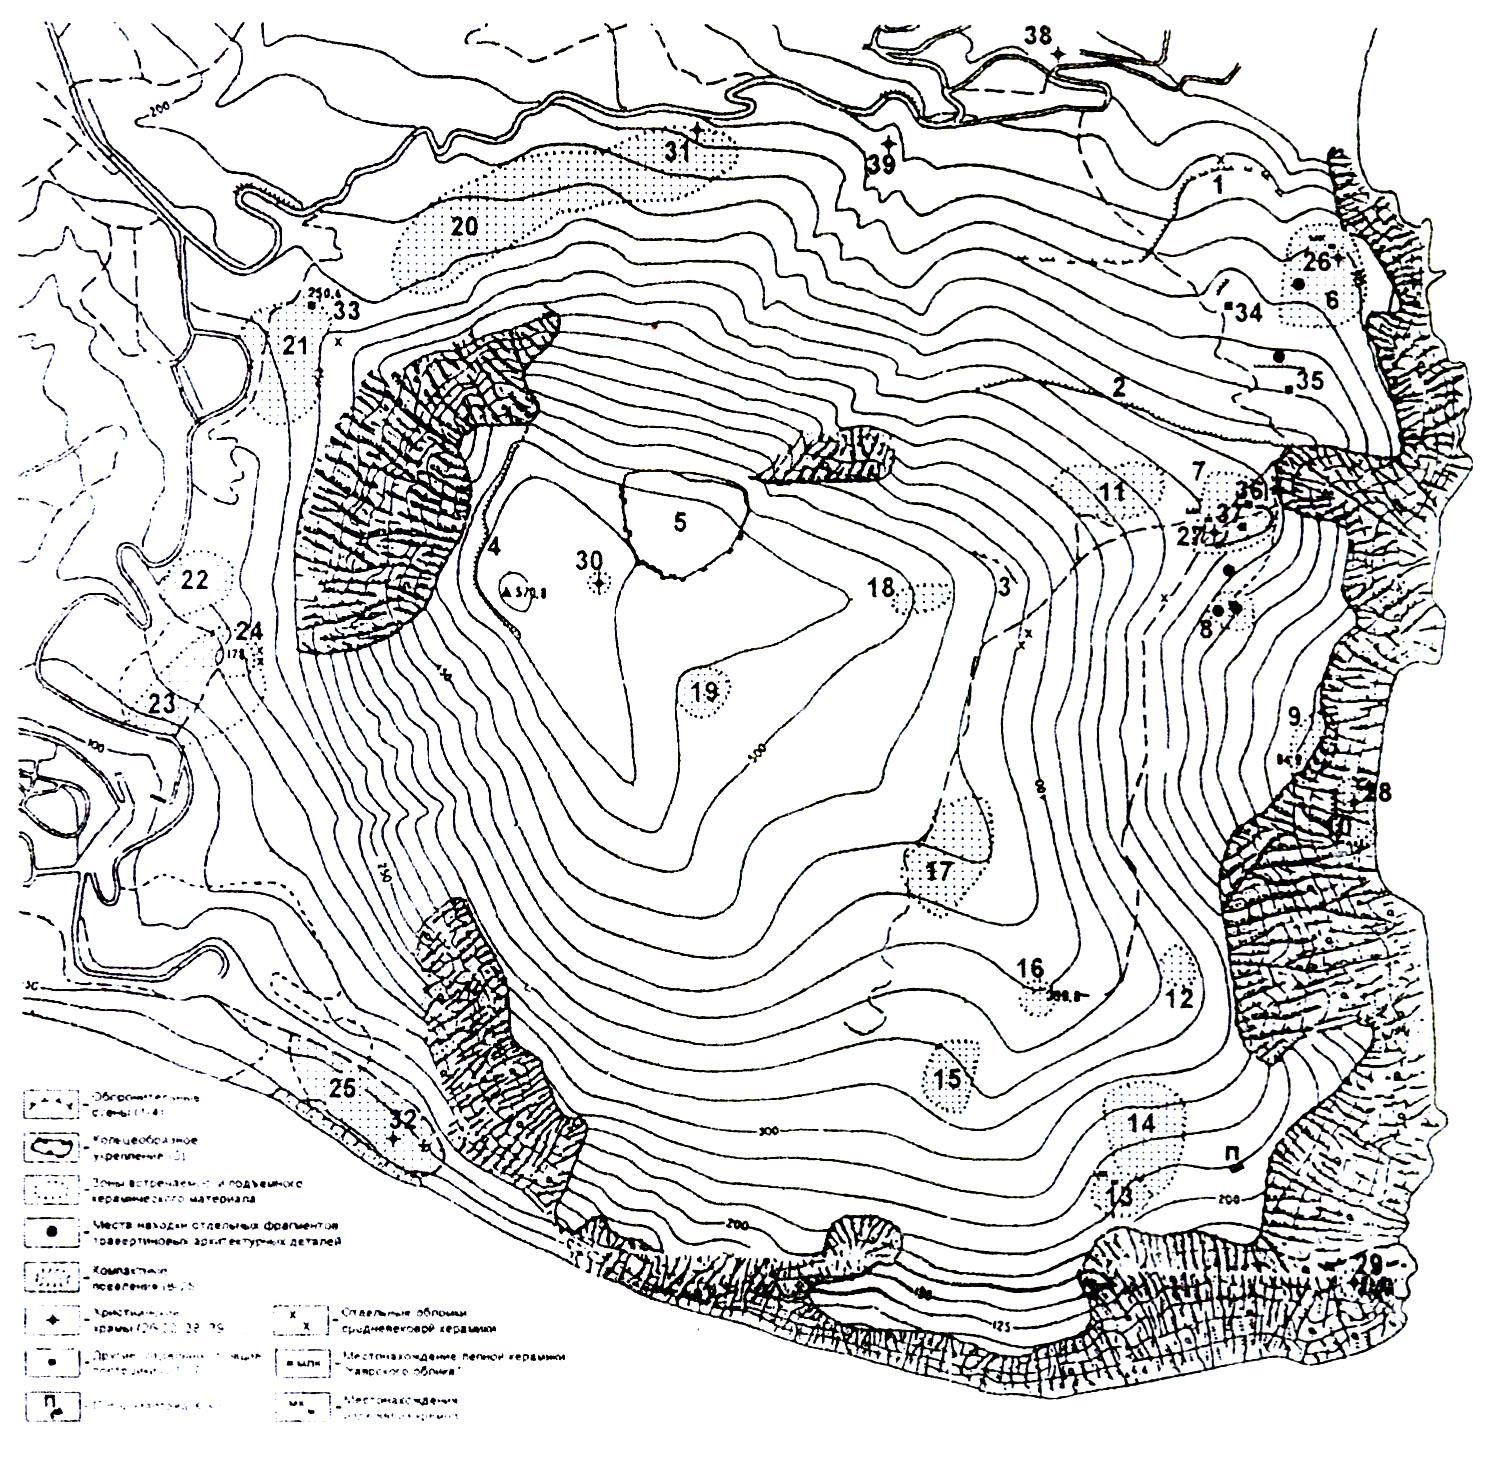 Рис. 1. Карта археологических памятников горы Аю-Даг.